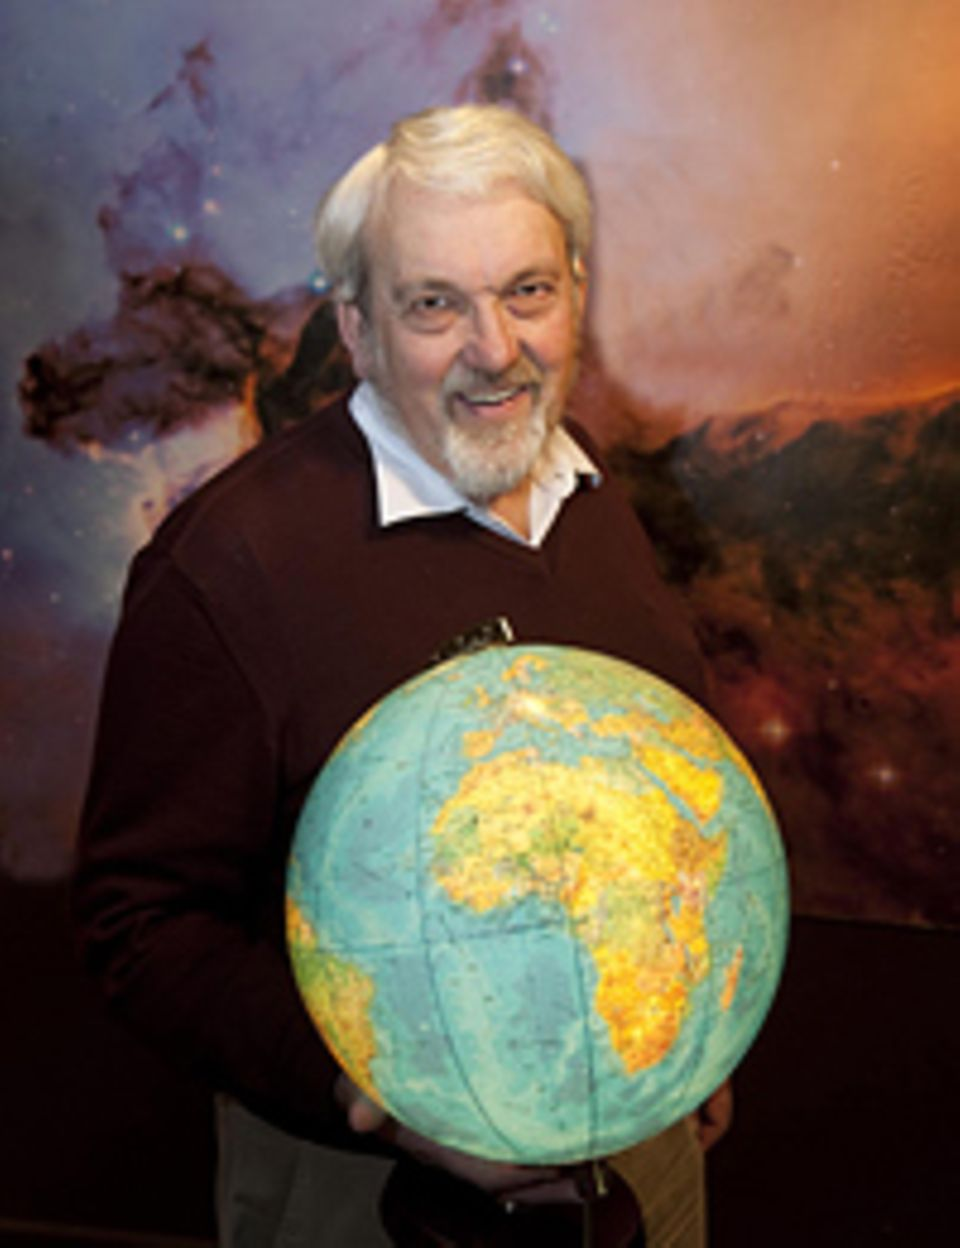 Interview: Dr. Andreas Hänel arbeitet im Natur- und Umwelt-Planetarium des Museums am Schölerberg